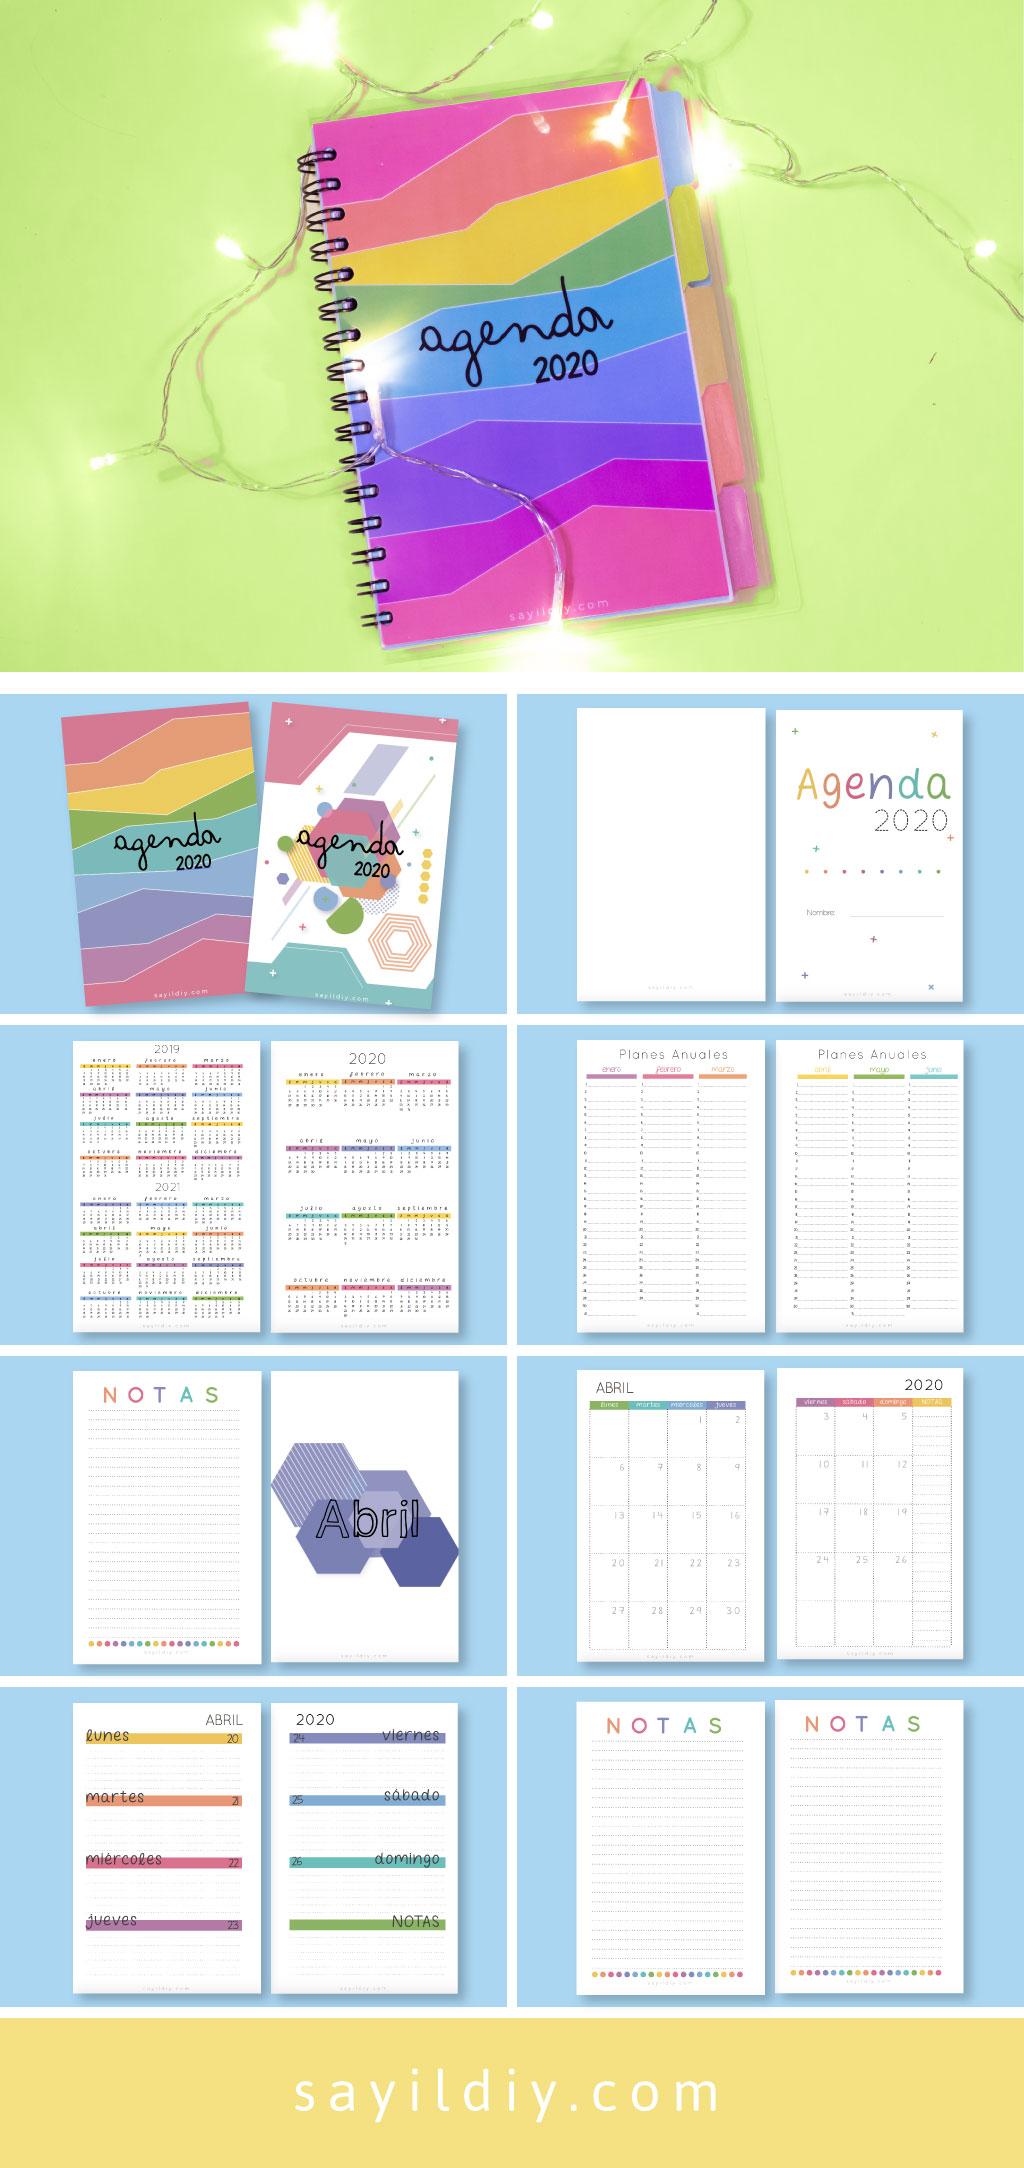 agenda 2020 gratis